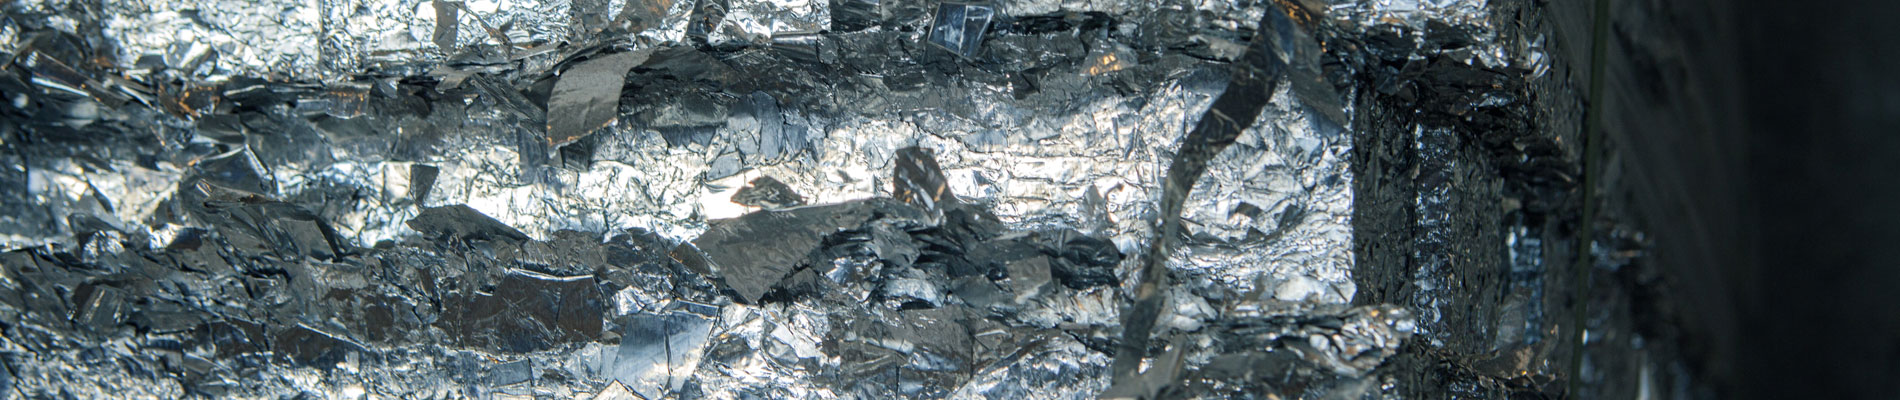 Particolare materie prime - Fometal - Fonderia alluminio, leghe madri e affini